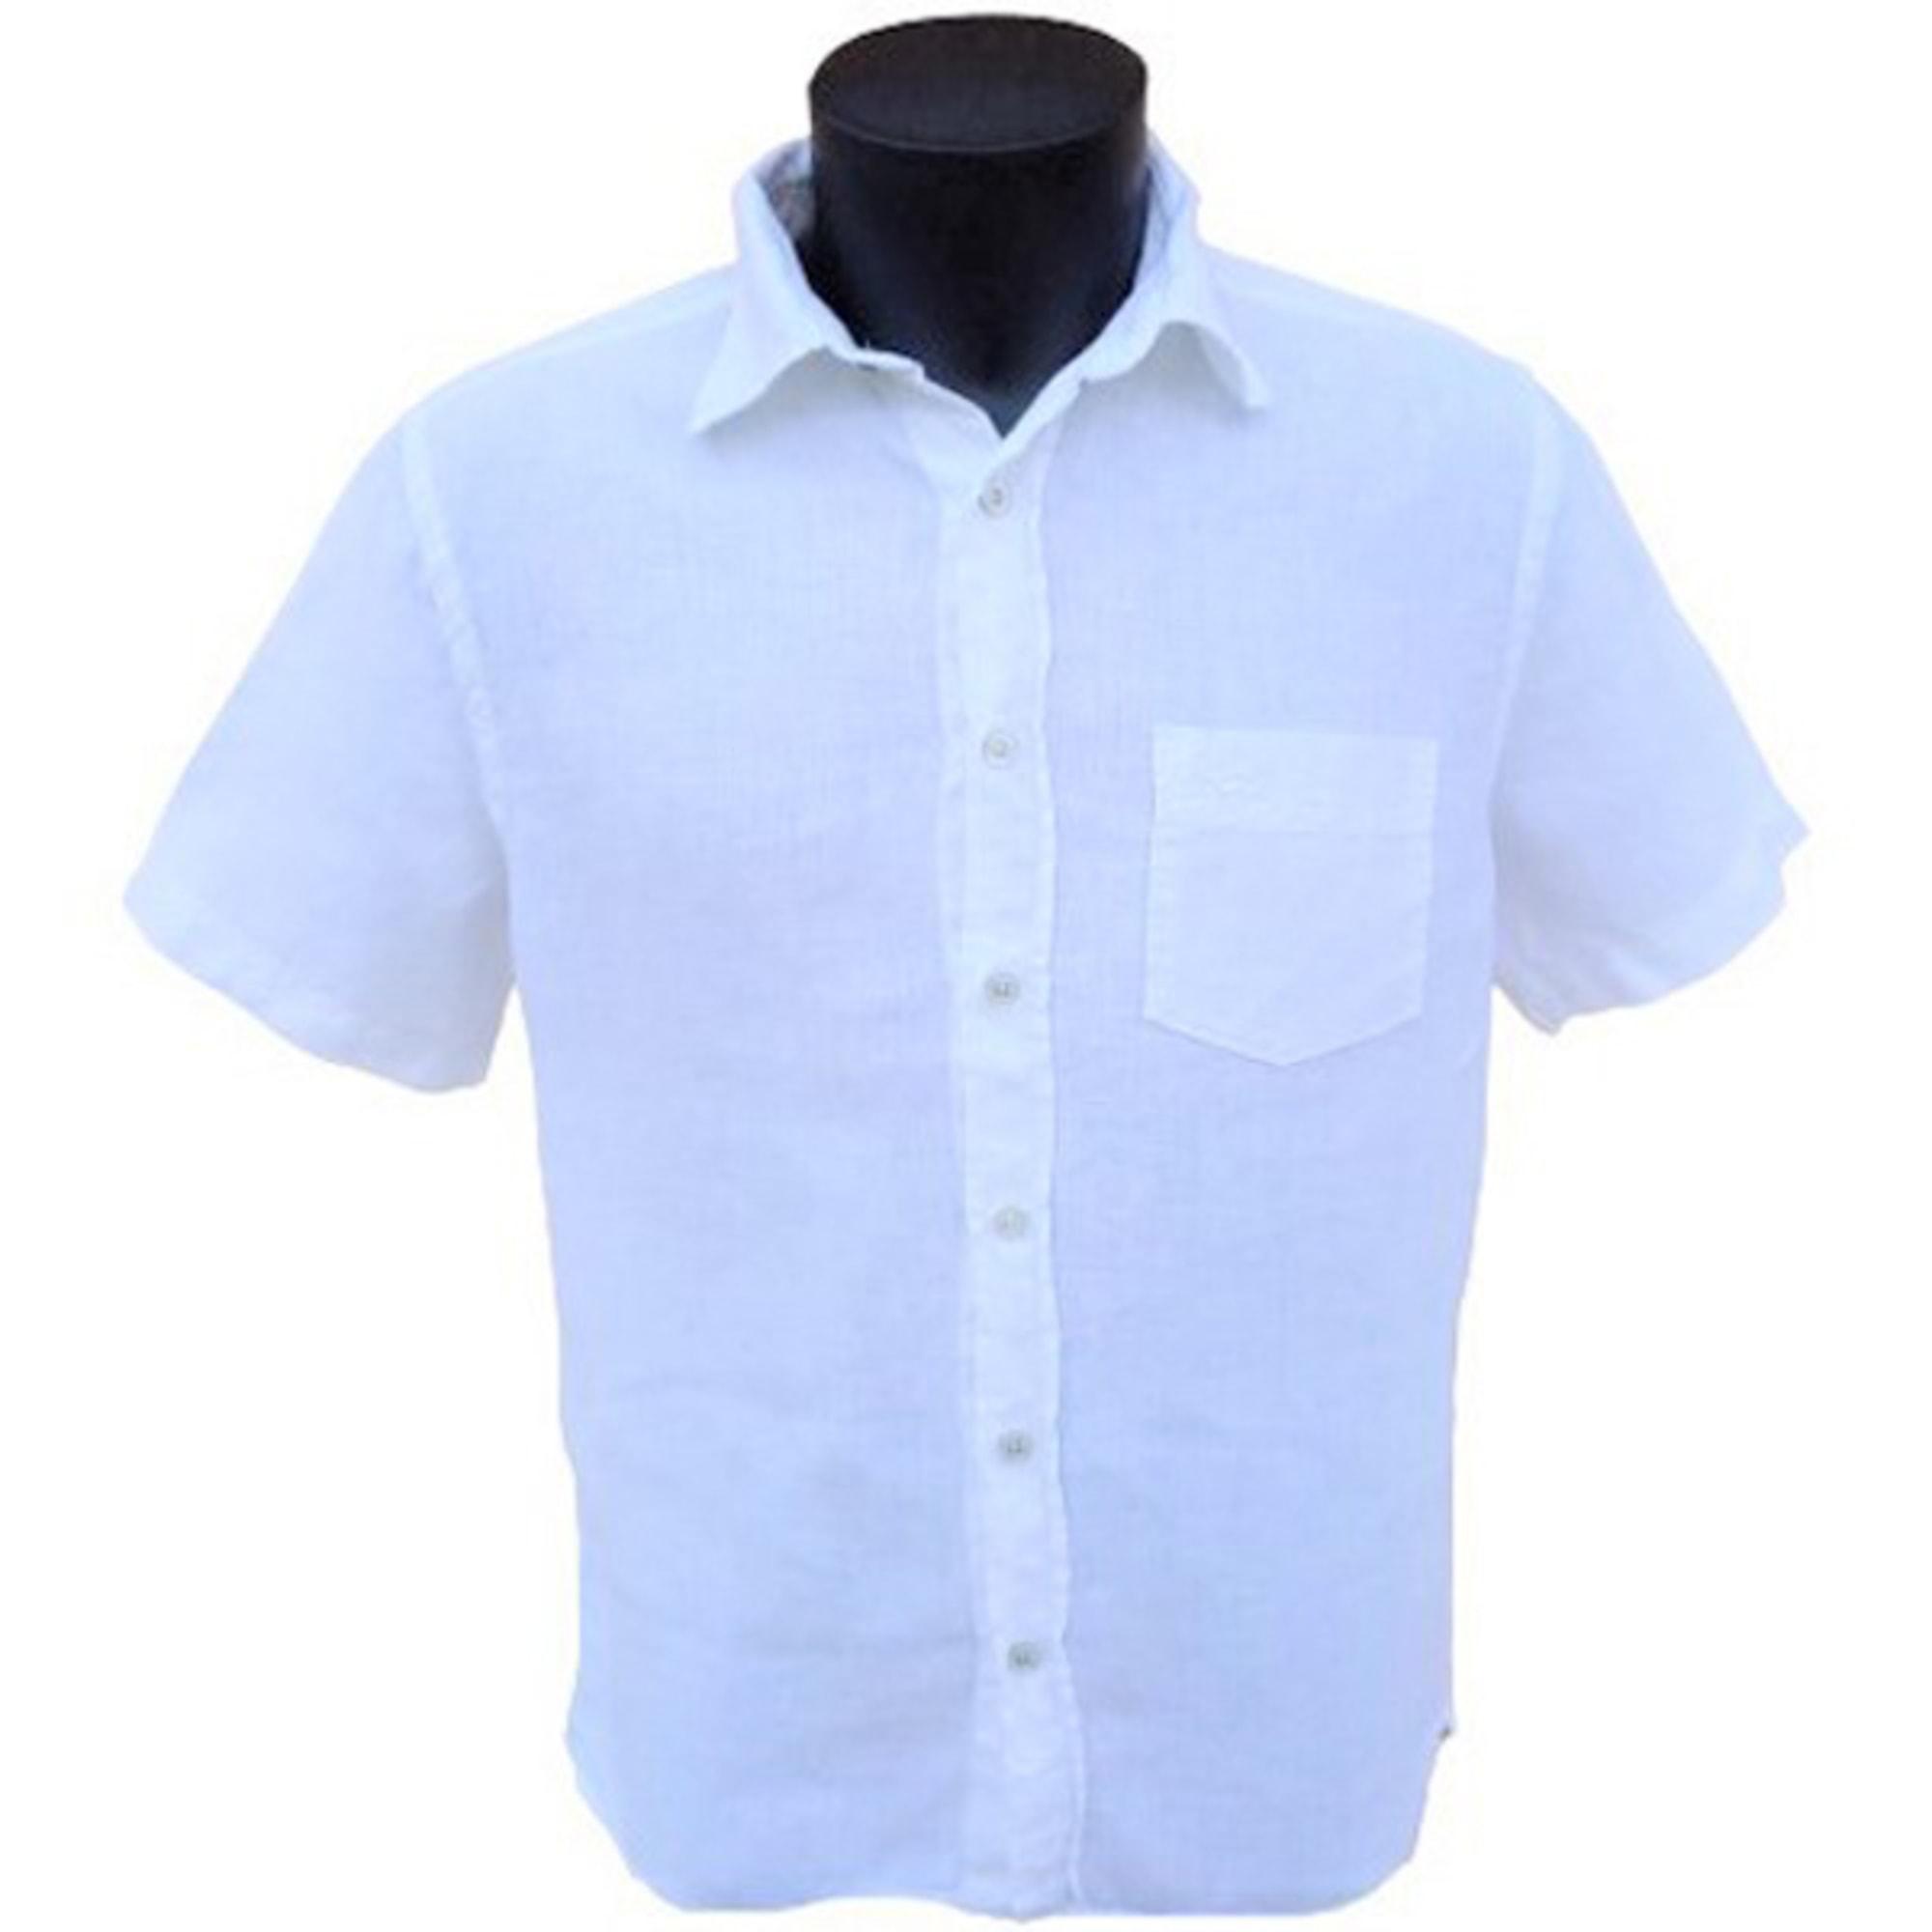 Short-sleeved Shirt DOCKERS White, off-white, ecru